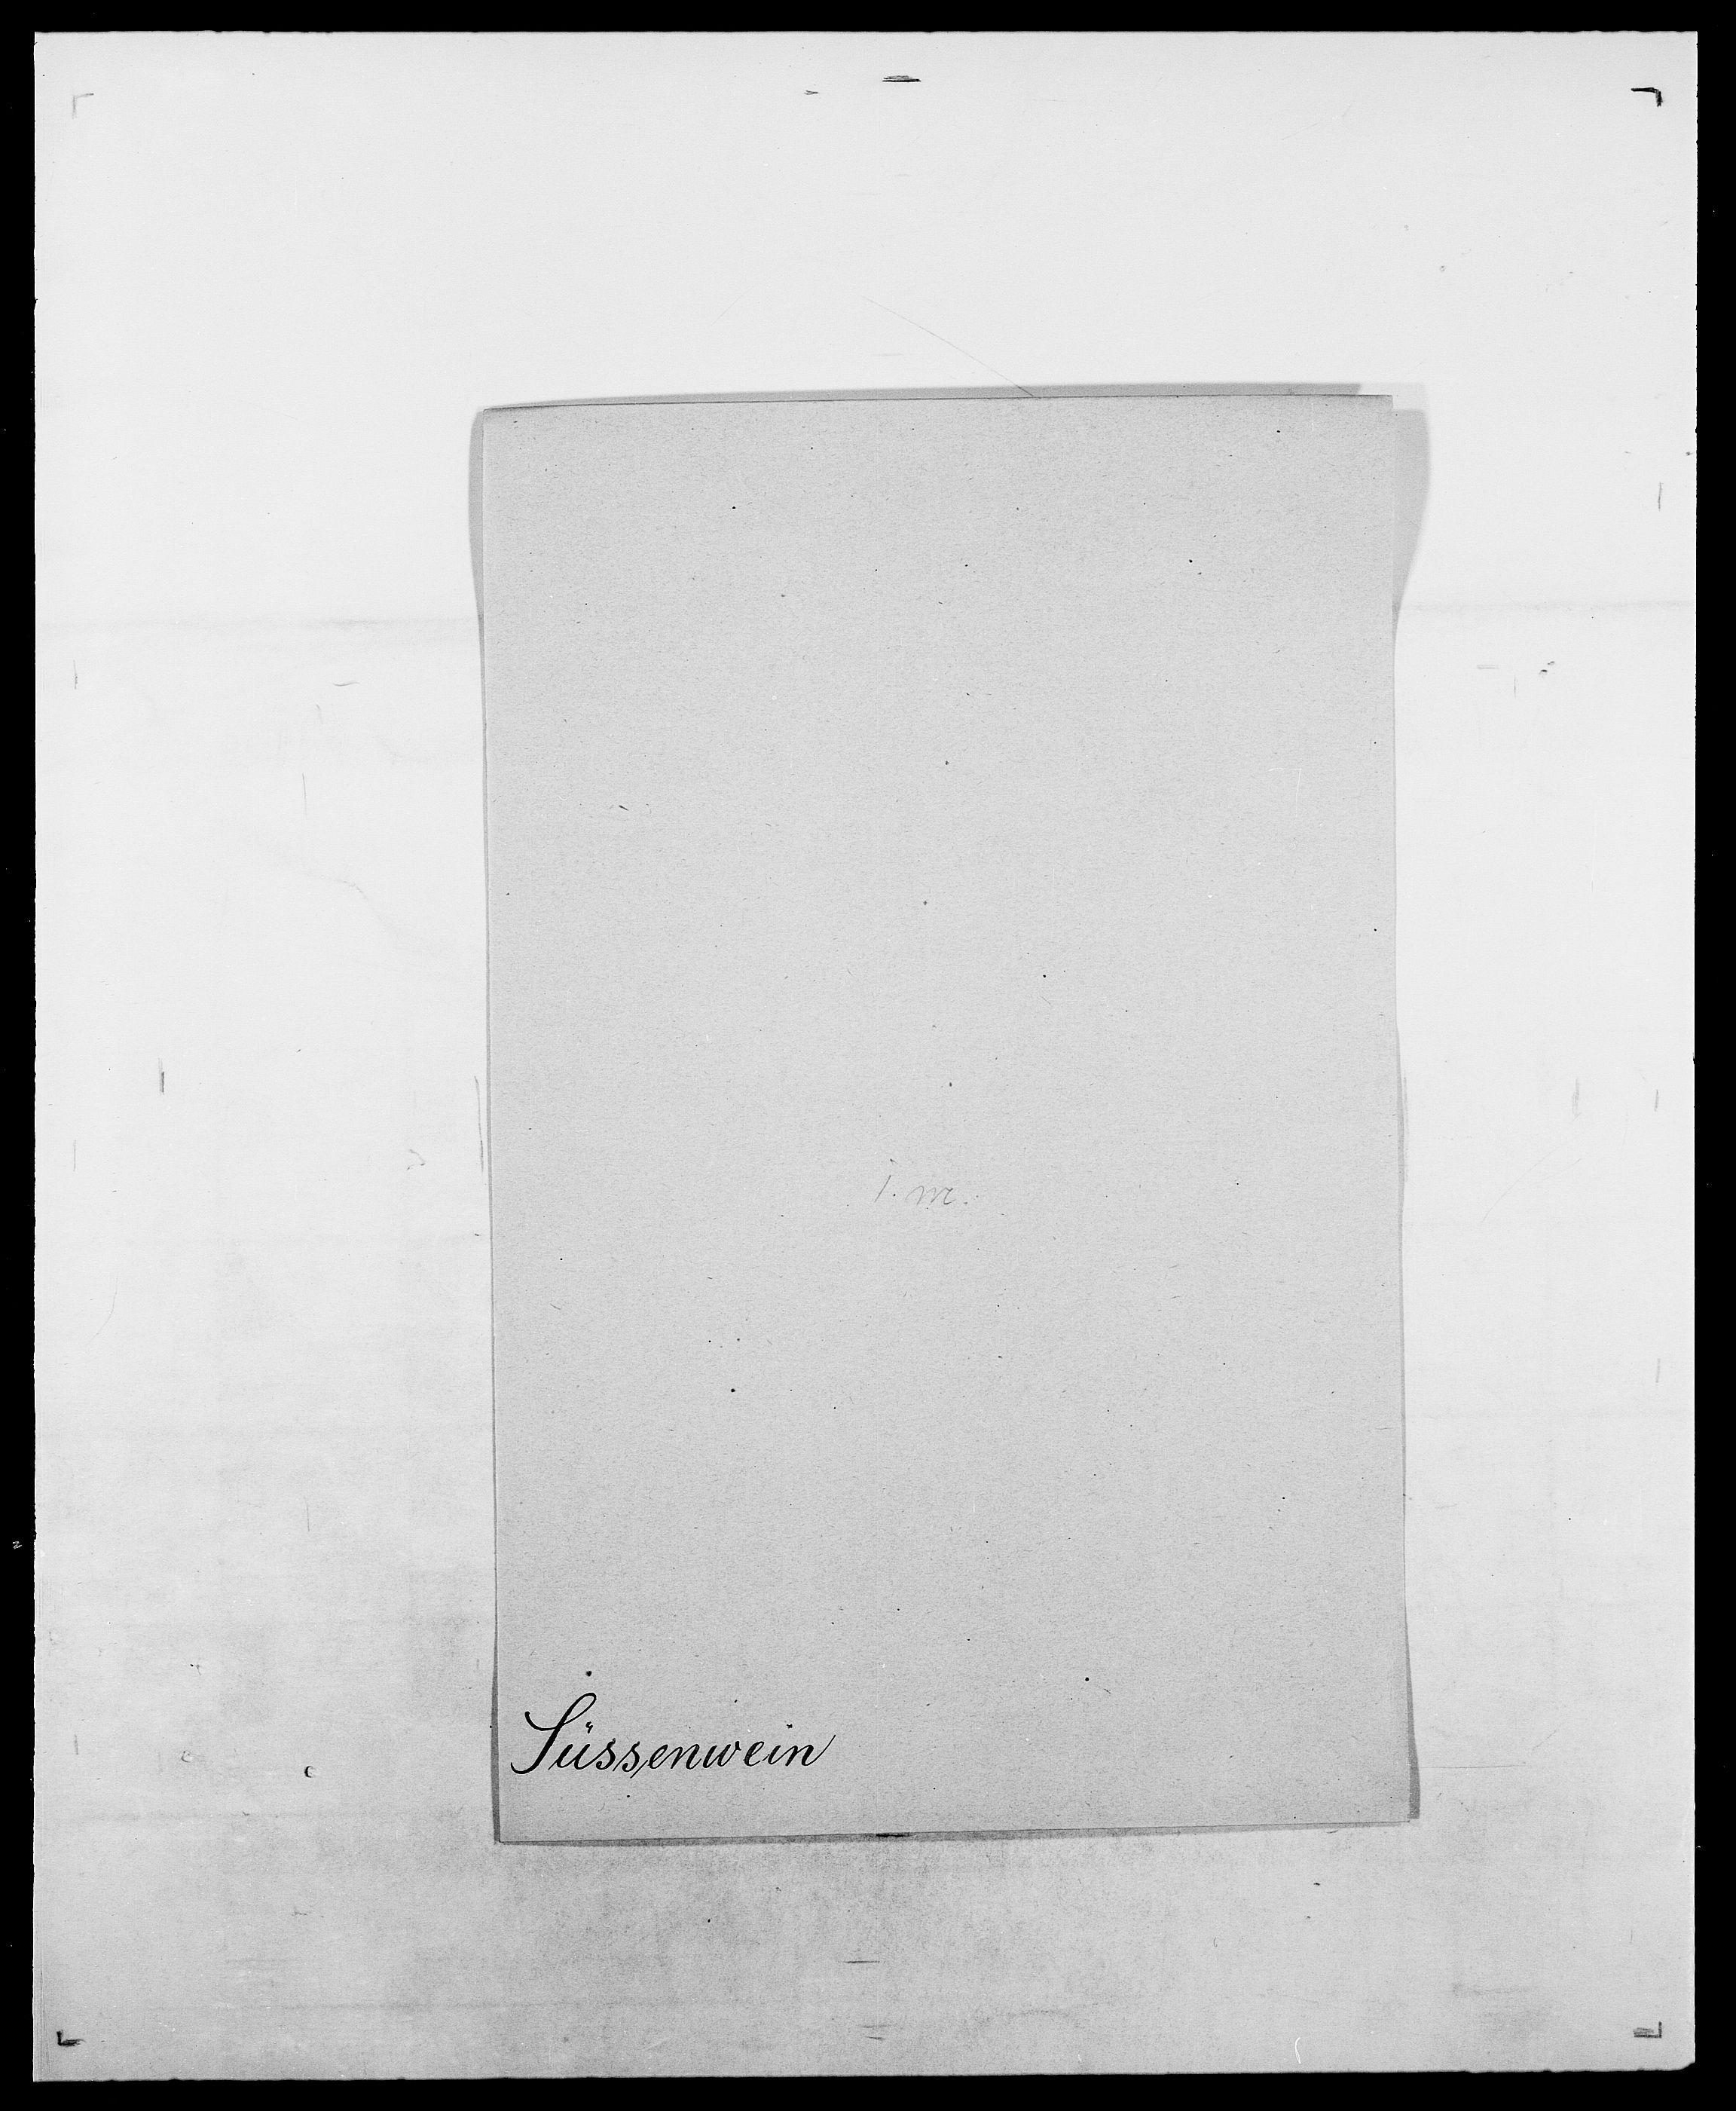 SAO, Delgobe, Charles Antoine - samling, D/Da/L0038: Svanenskjold - Thornsohn, s. 109